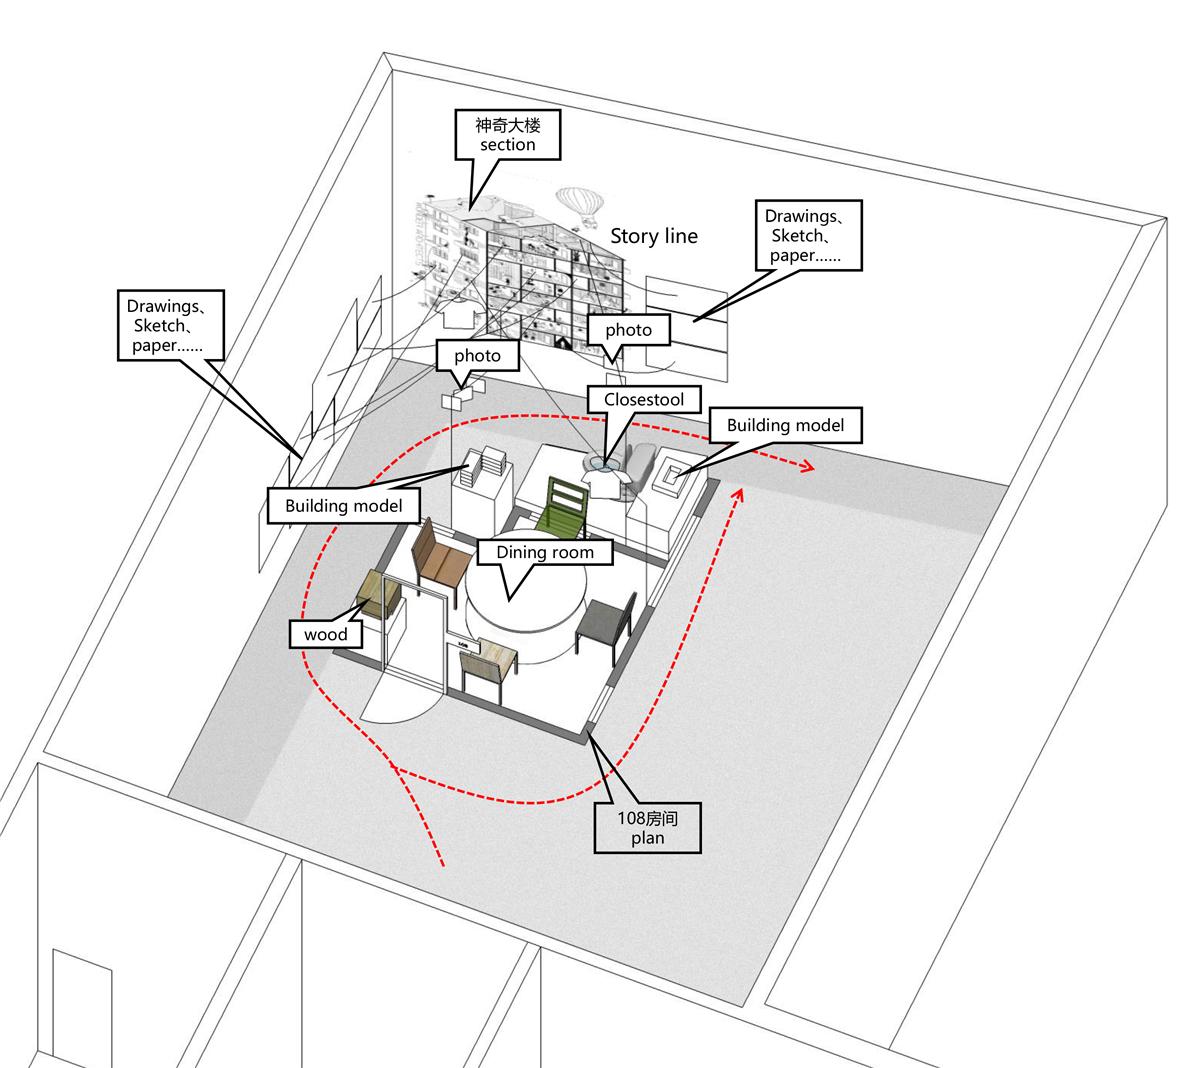 《神奇大楼增1门108号》,复合材料,3600 × 4300 × 5500 mm,2017,由神奇建筑研究室成员:朱起鹏、王冲、王斯迪、袁樱子共同完成